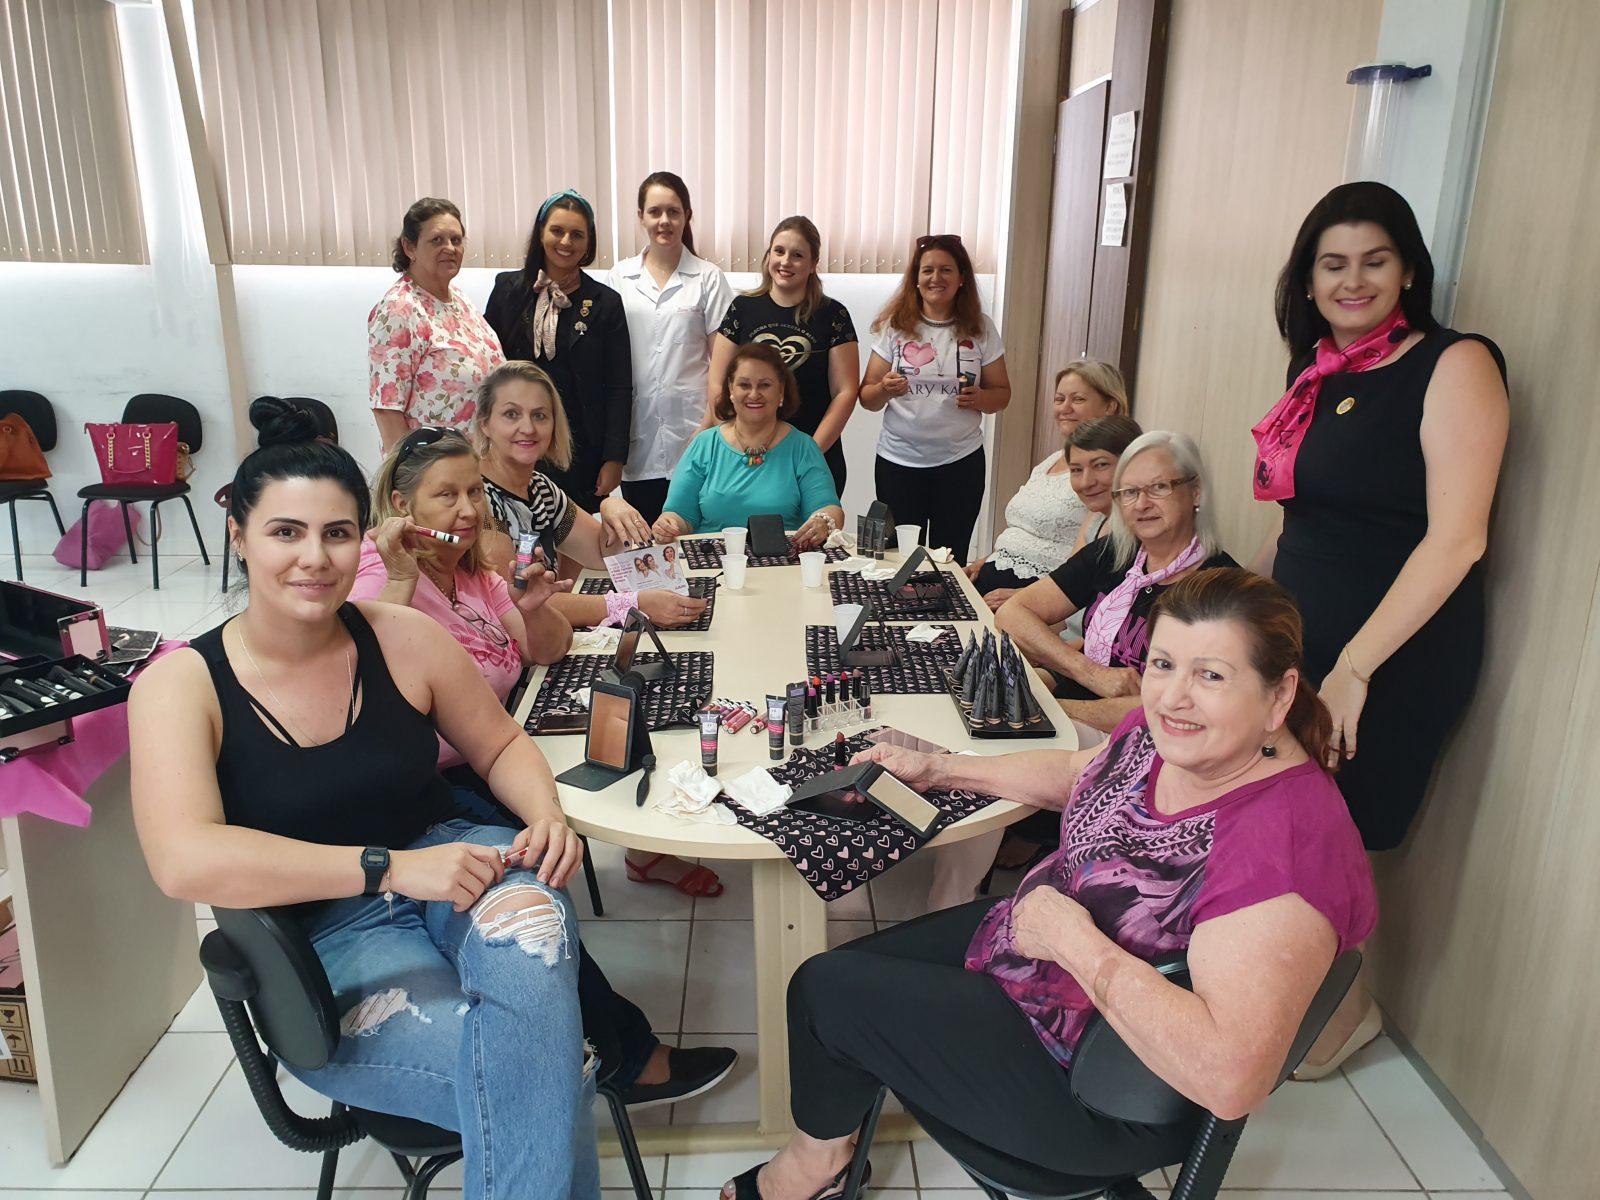 Ação na UBS Santa Luzia e encontro de Mulheres Polivalentes encerram atividades do Outubro Rosa em Brusque